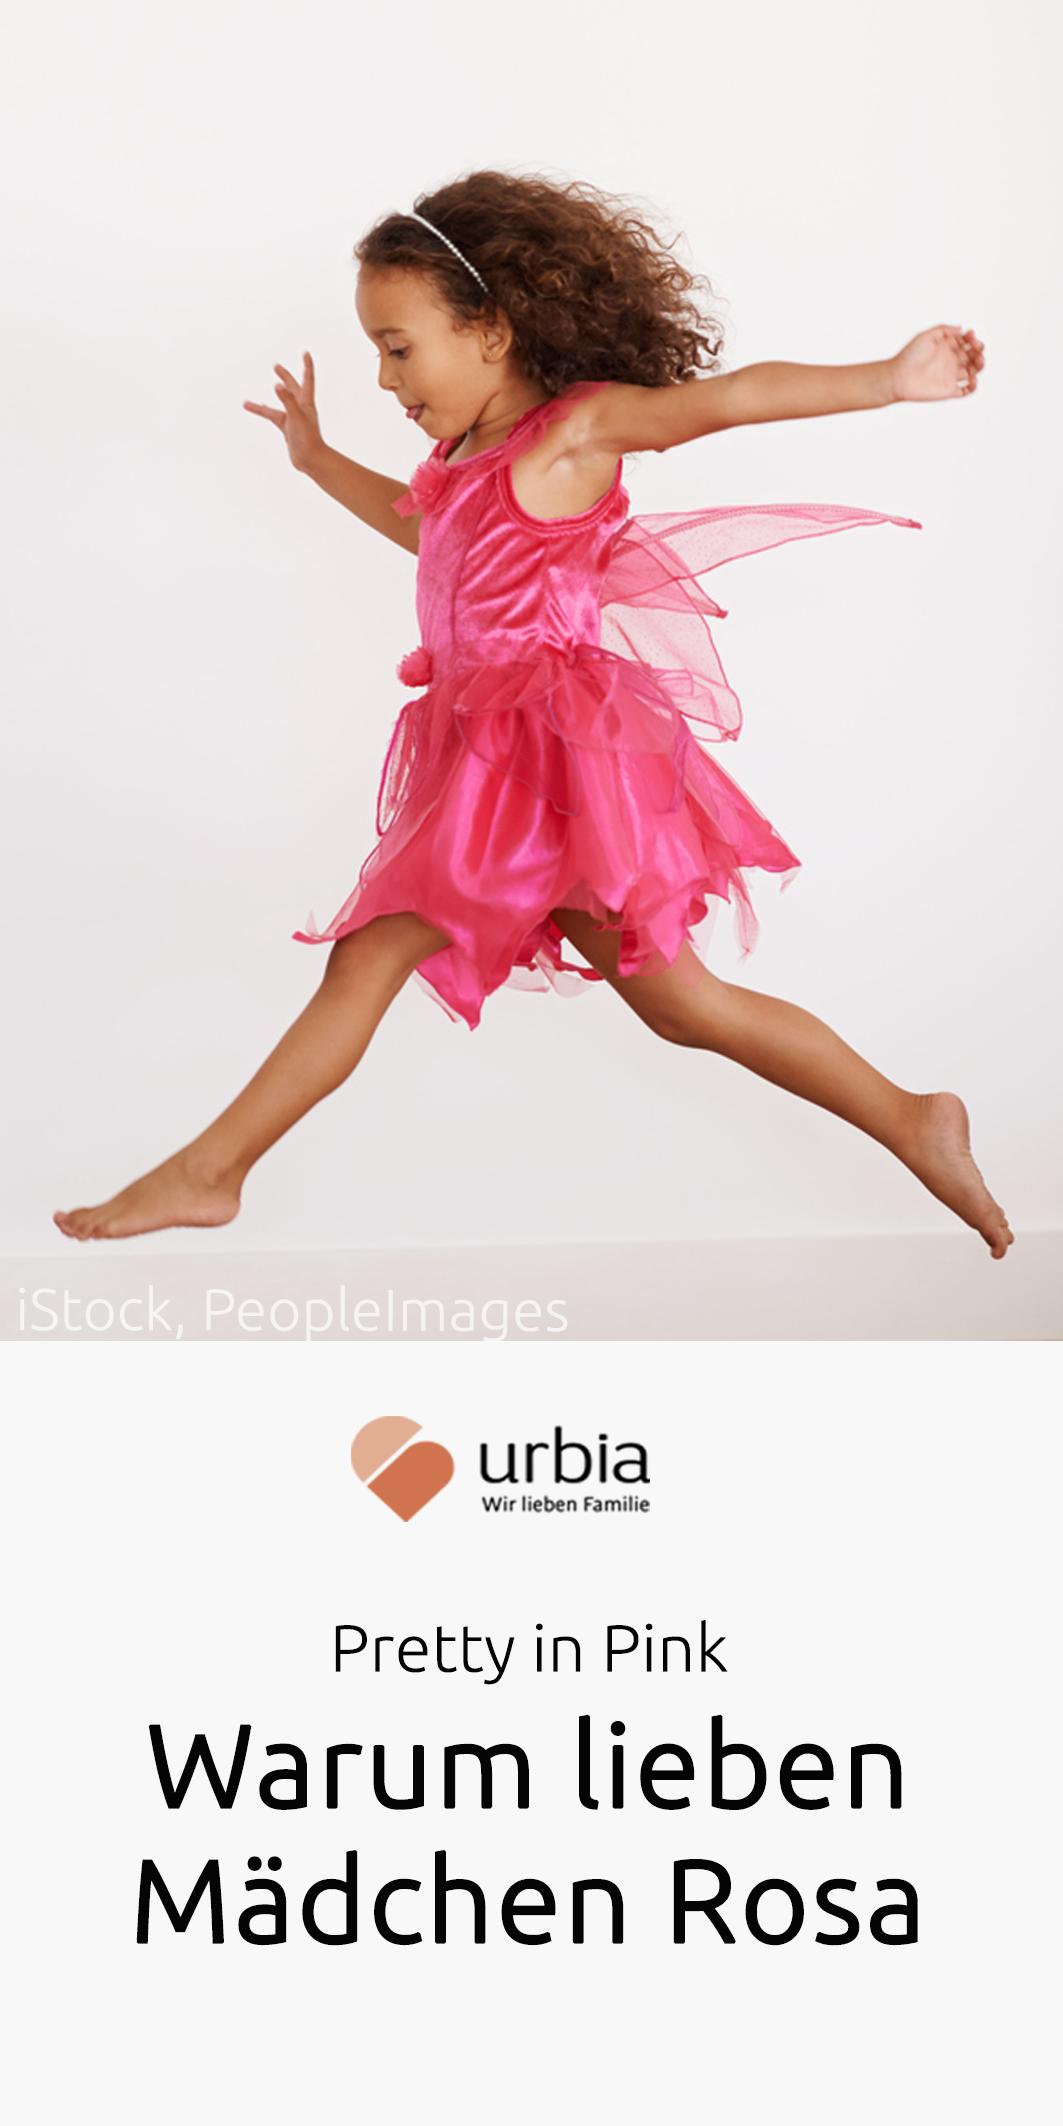 Warum lieben Mädchen Rosa?   Familienleben   Pinterest   Child fashion